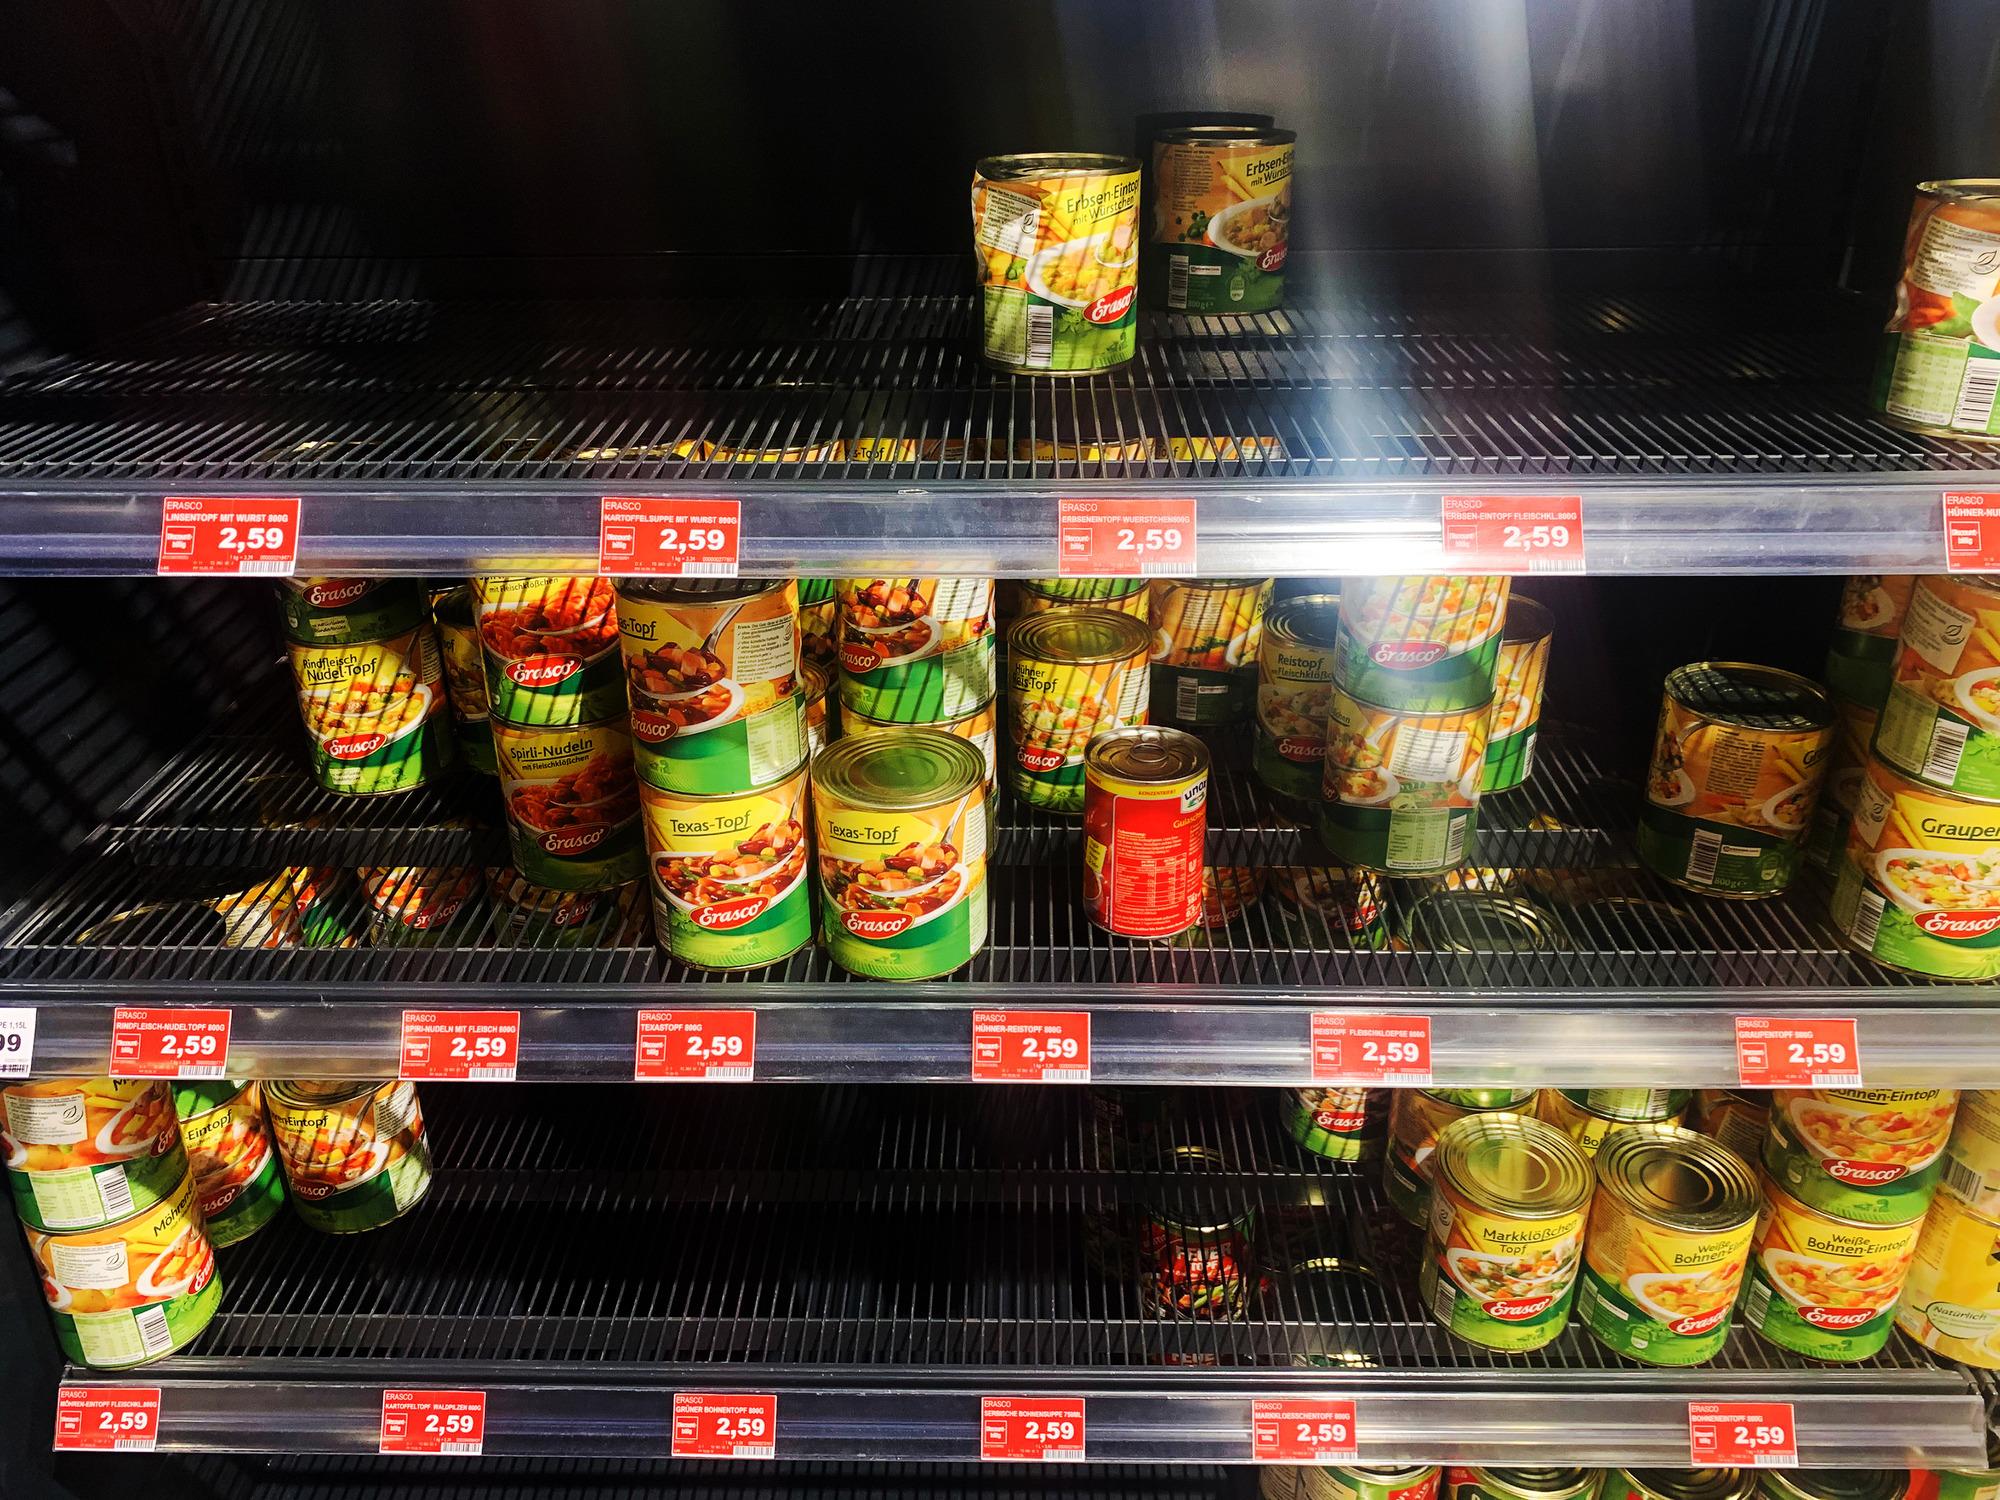 Hamsterkaufe In Der Region Corona Virus Sorgte Am Wochenende Fur Leere Supermarkt Regale Nachrichten Aus Der Metropolregion Rhein Neckar Rnz